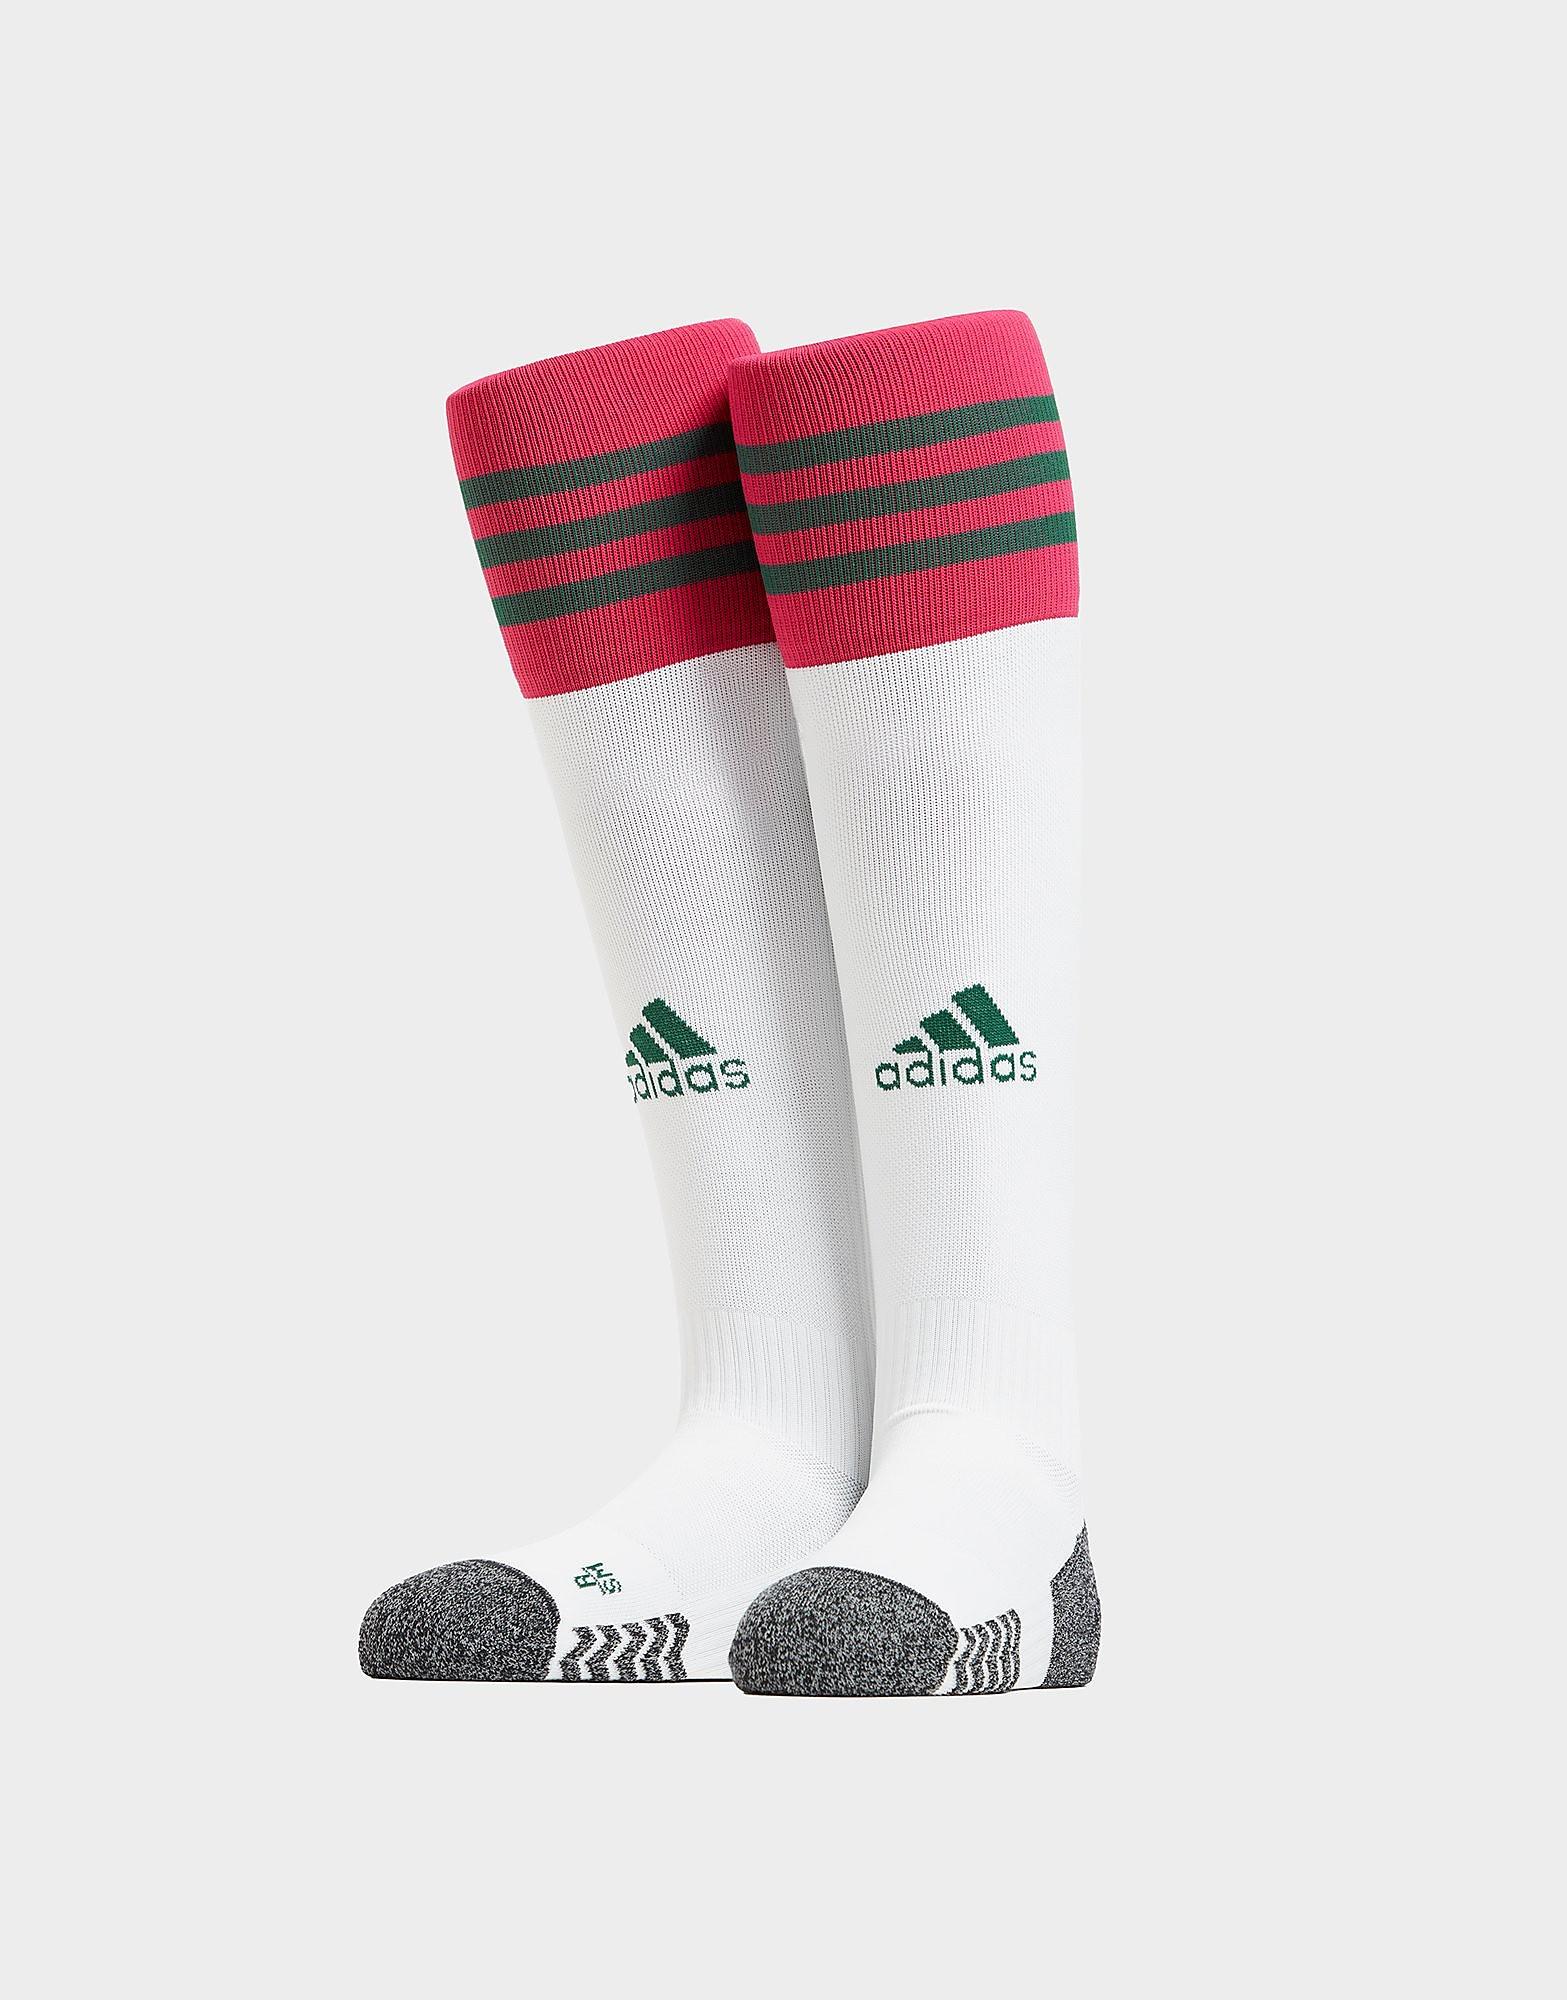 adidas Celtic FC 2021/22 Tredjestrumpor Junior FÖRBESTÄLLNING, Vit